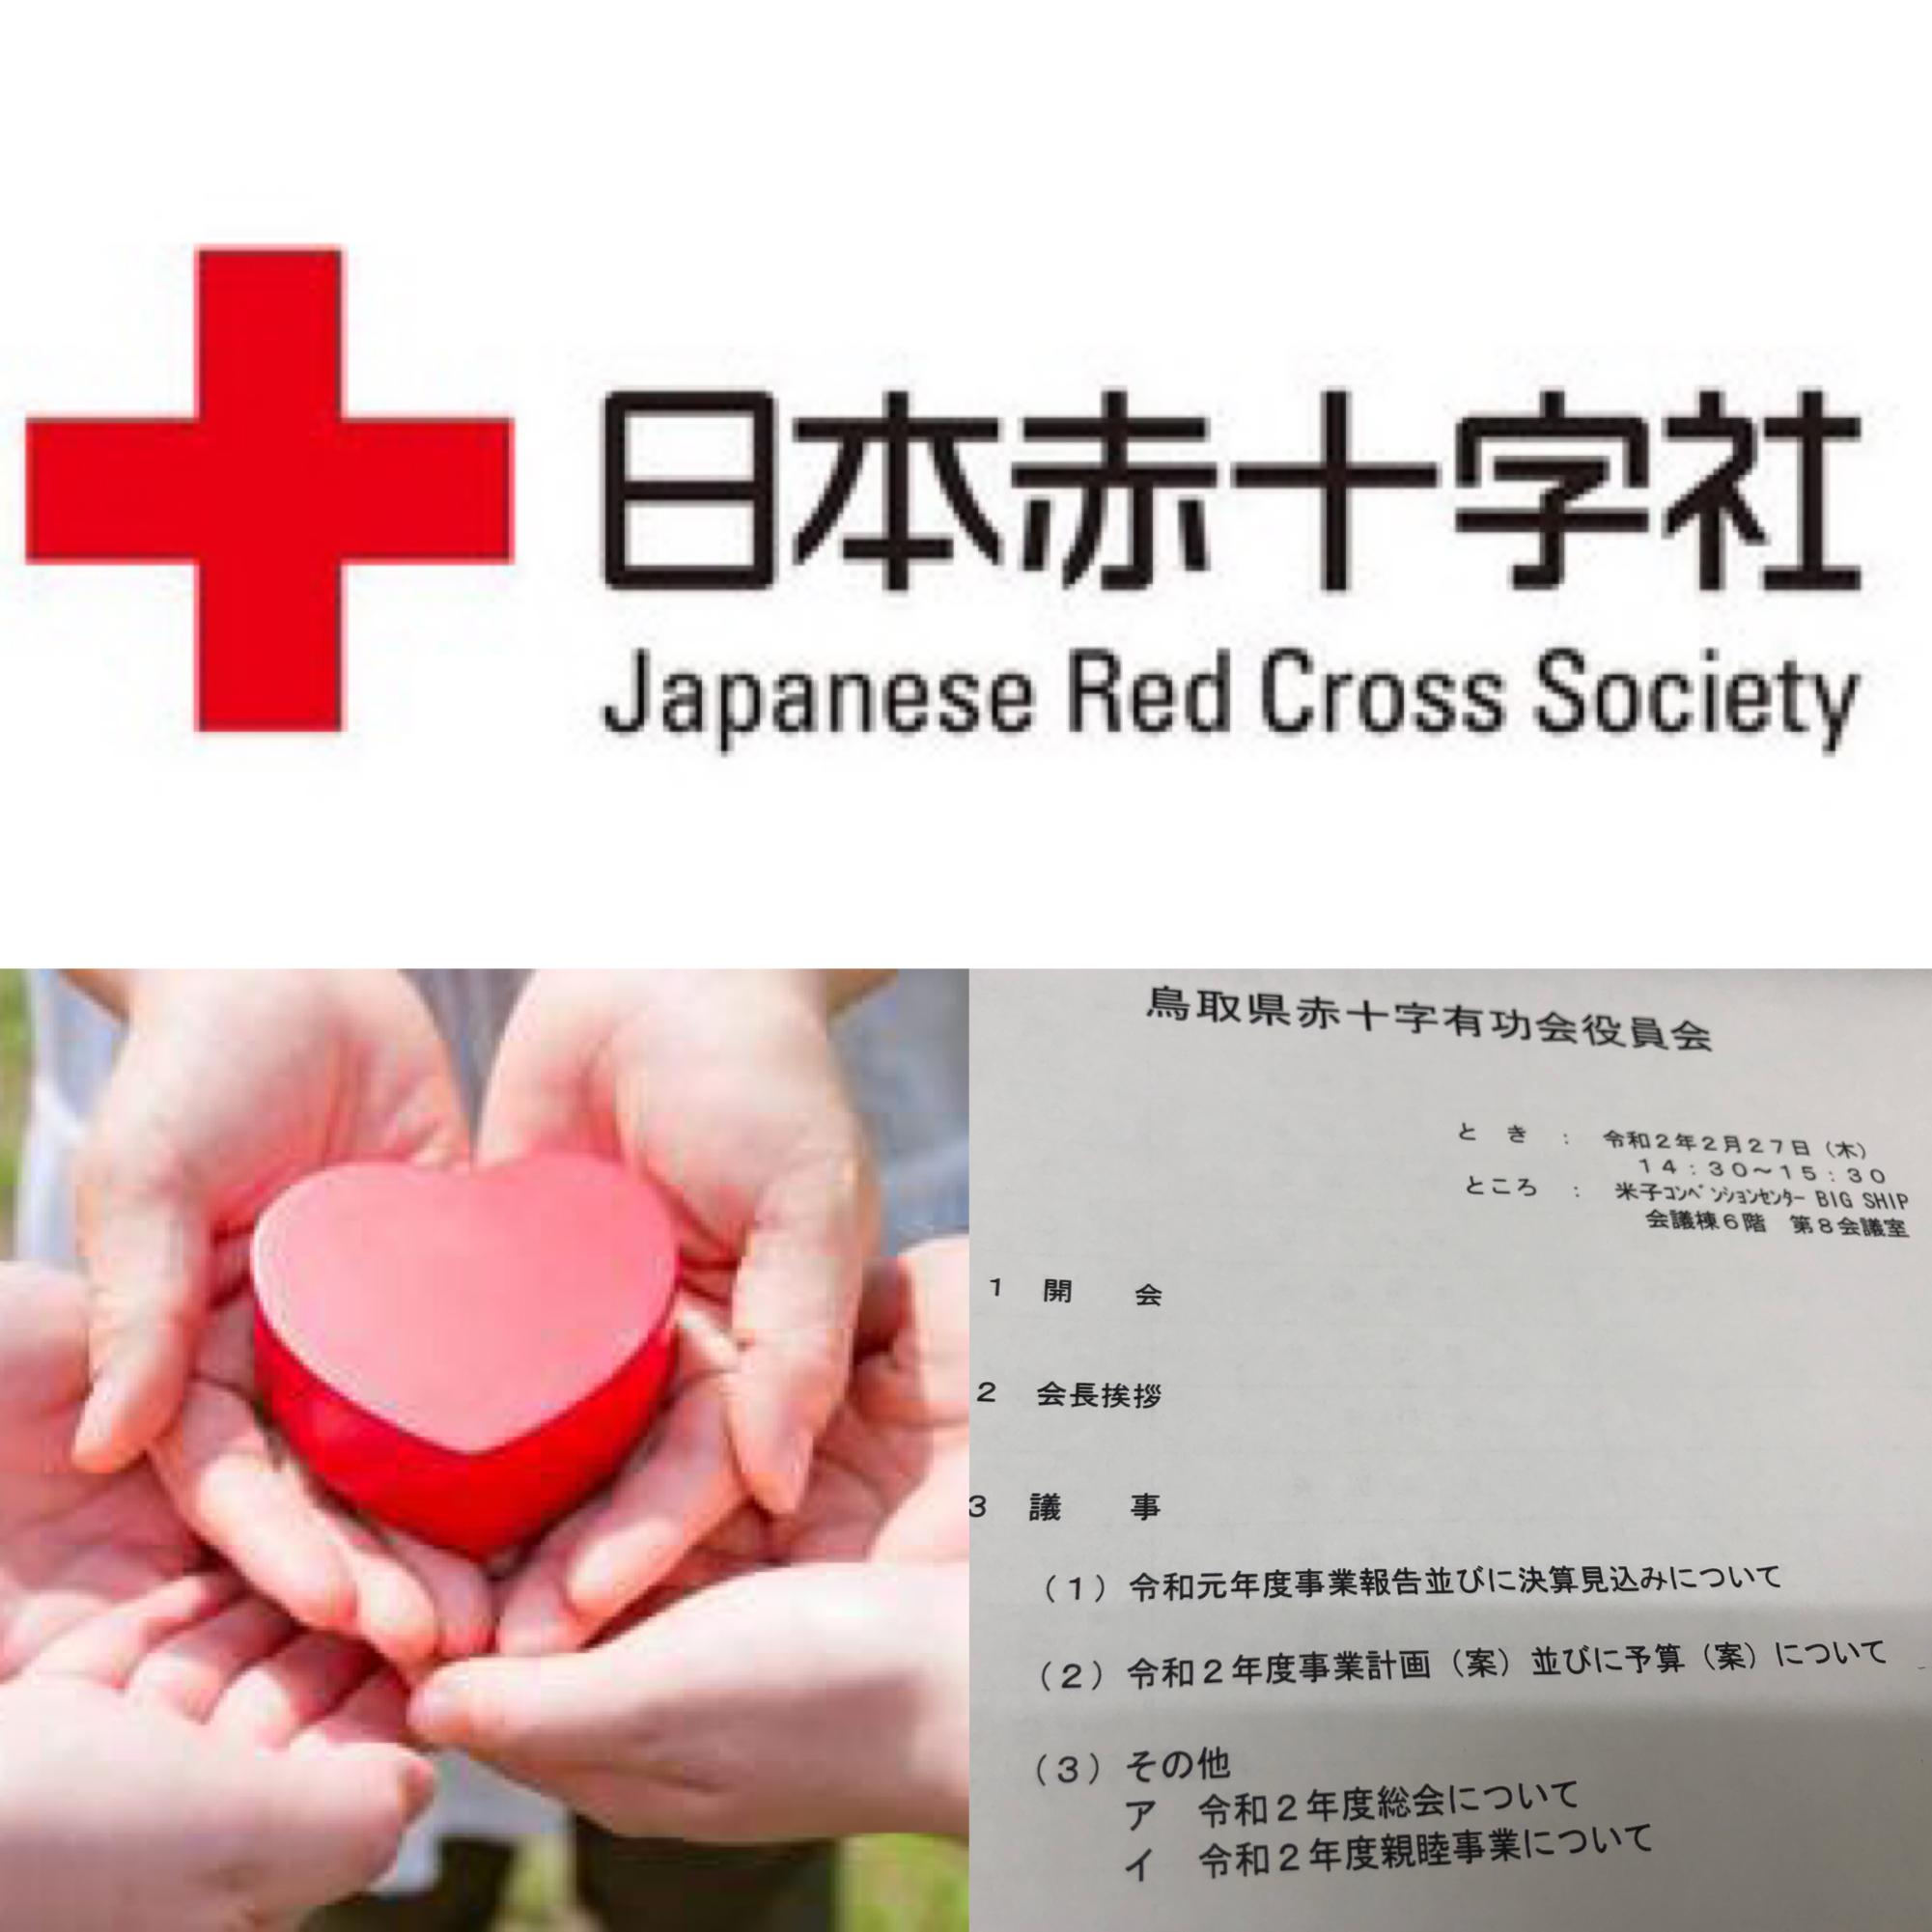 鳥取県赤十字有功会役員会 米子コンベンションセンター BIG SHIP